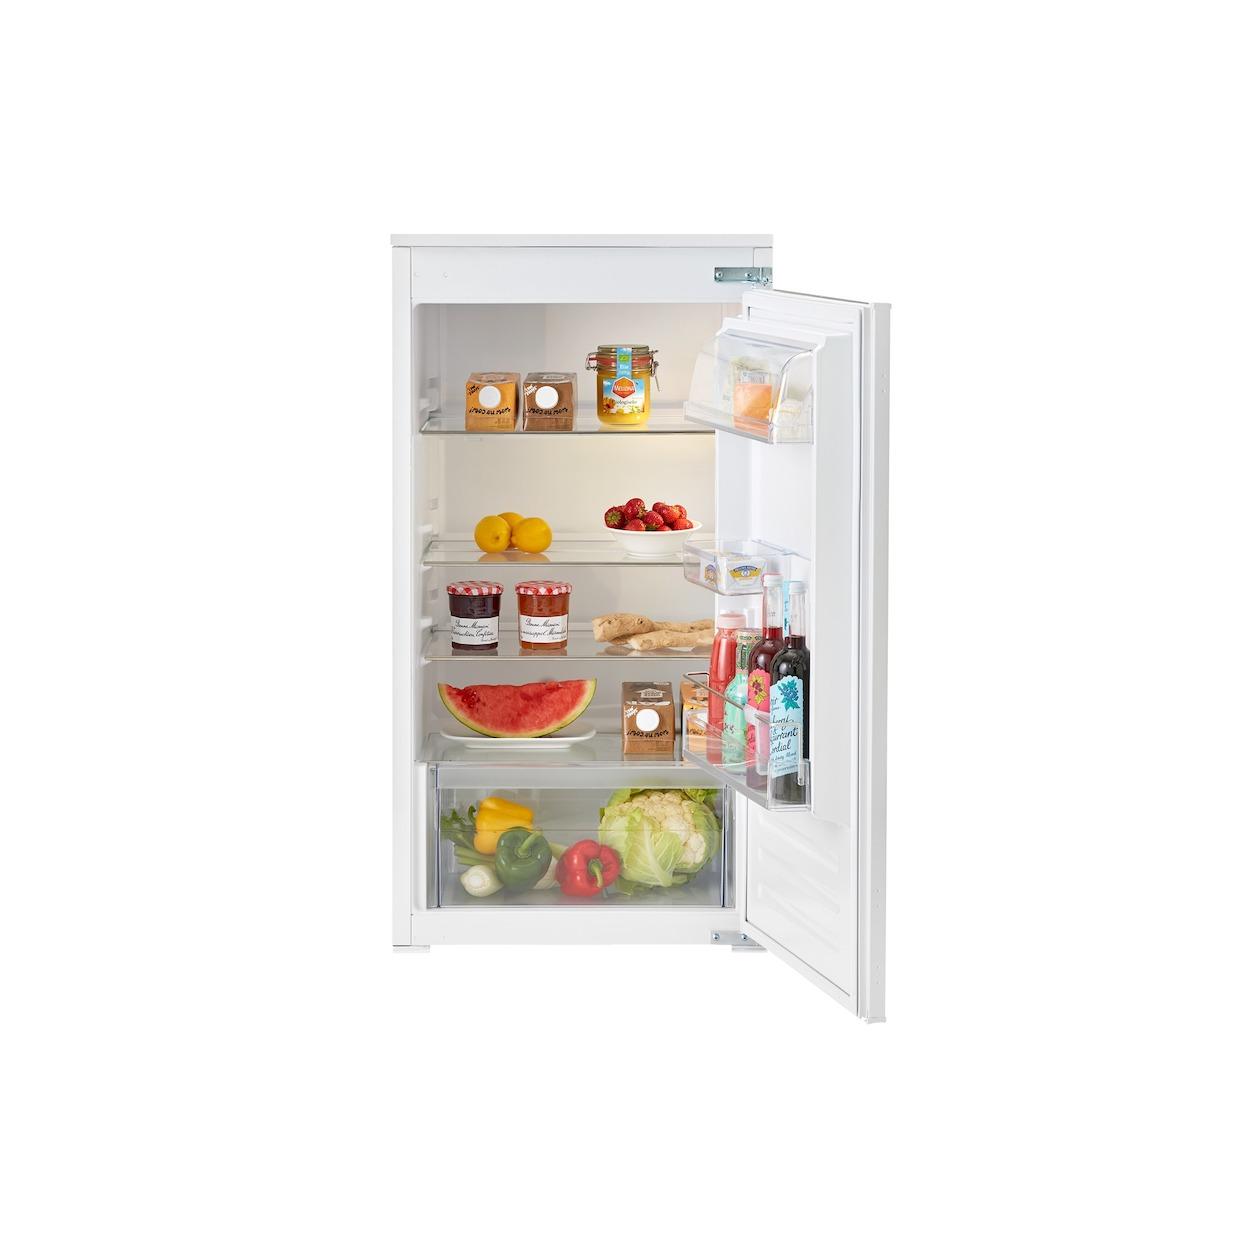 Atag inbouw koelkast KD62102A - Prijsvergelijk